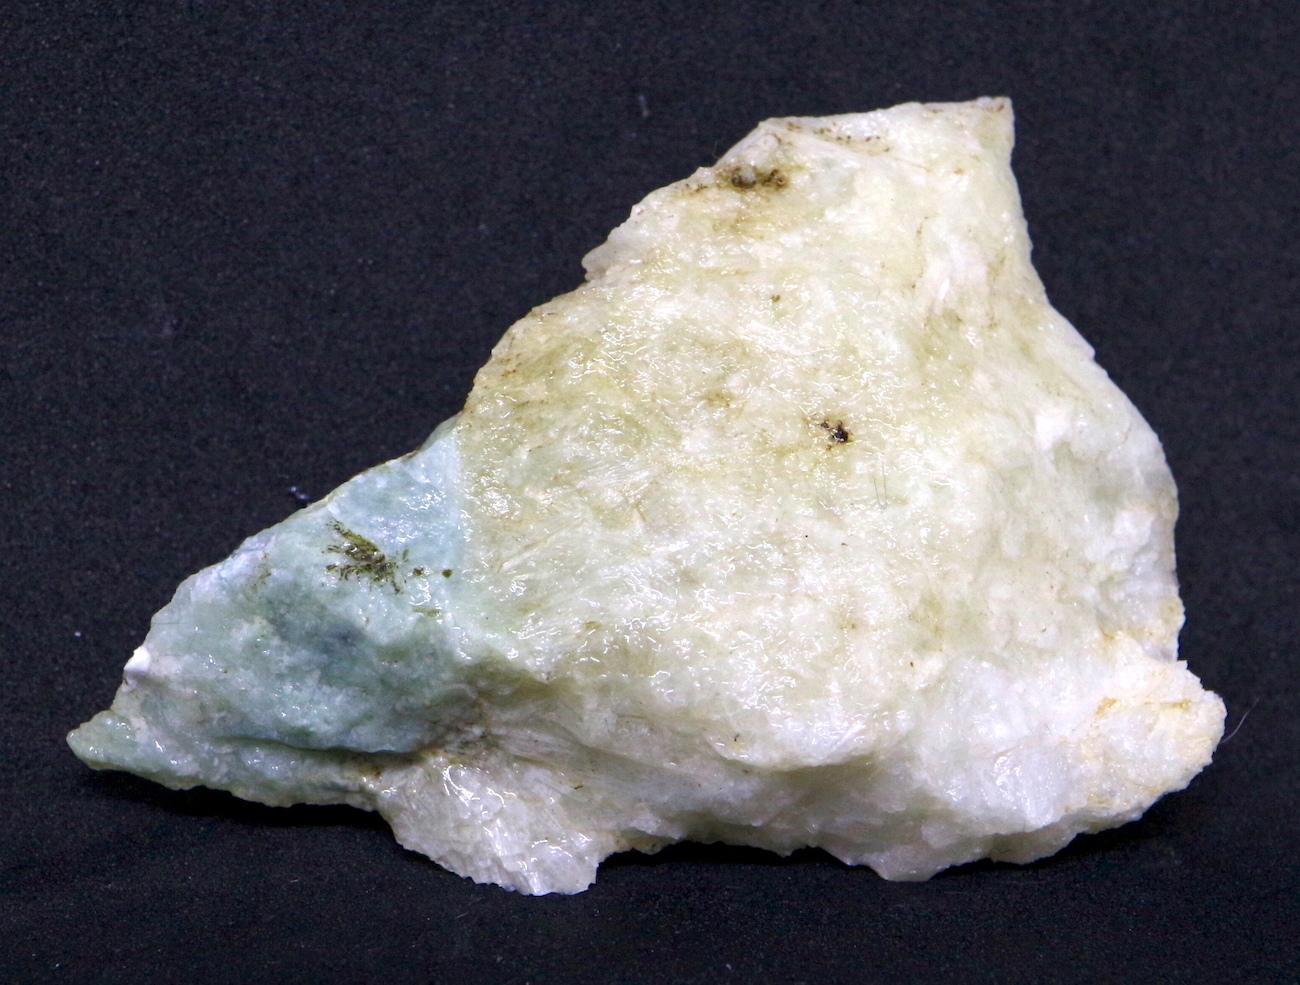 希少! カリフォルニア産  硬玉 翡翠 原石 ジェダイト 32,9g JDT008 鉱物 天然石 パワーストーン